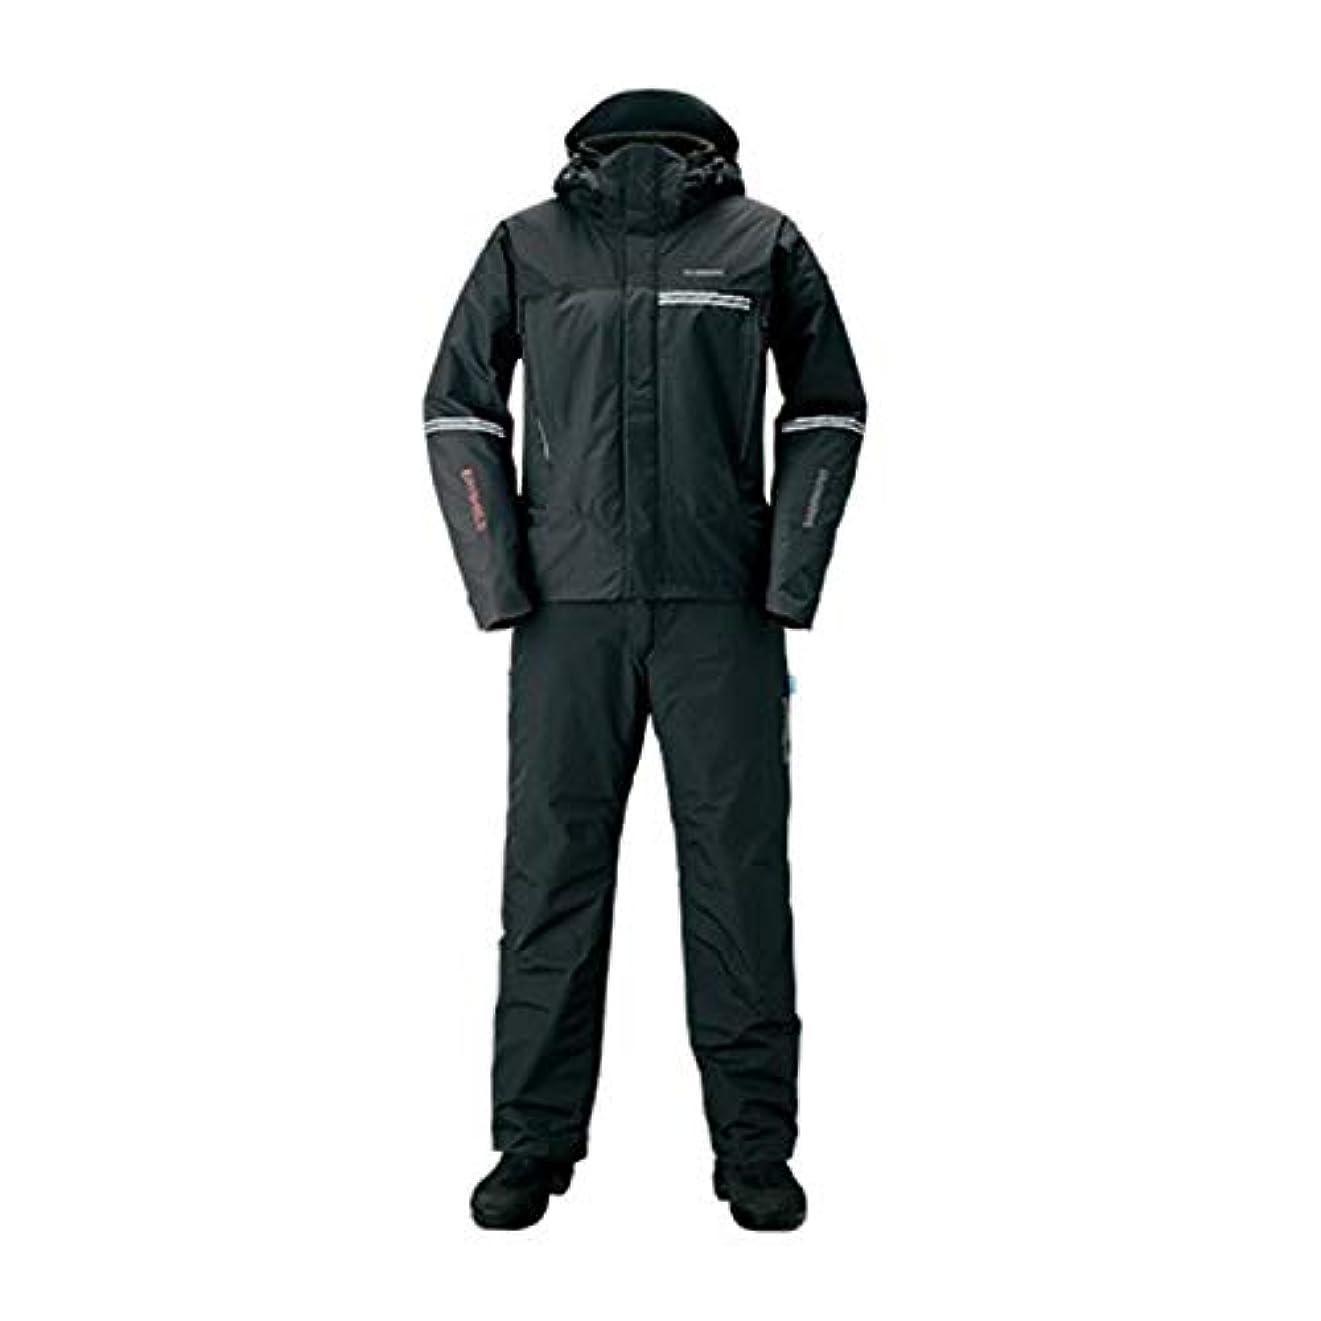 ブッシュ差別的給料シマノ(SHIMANO) 防寒着 DSアドバンスウォームスーツ RB-025S ブラック M